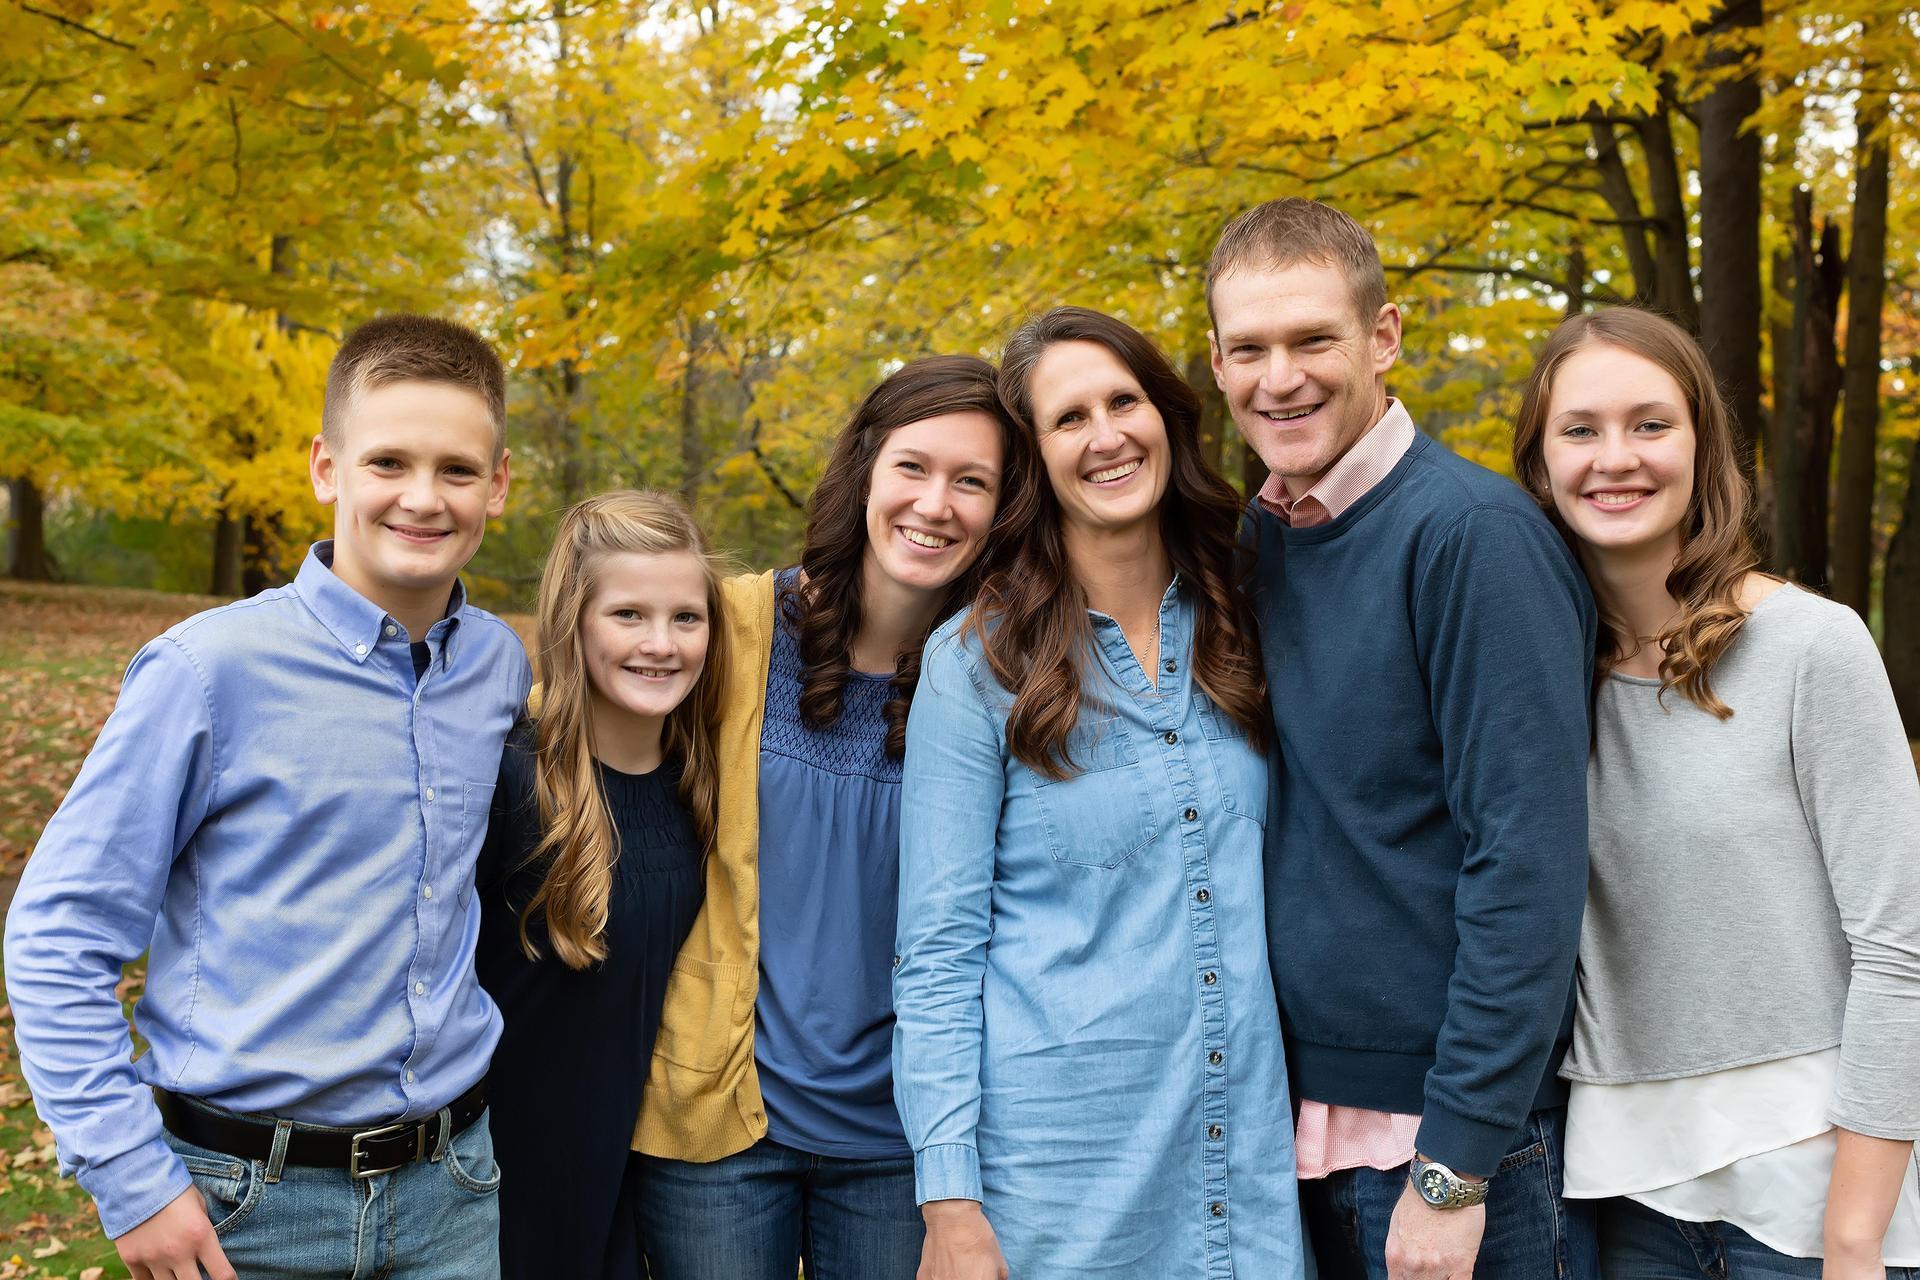 Mr. J.'s Family